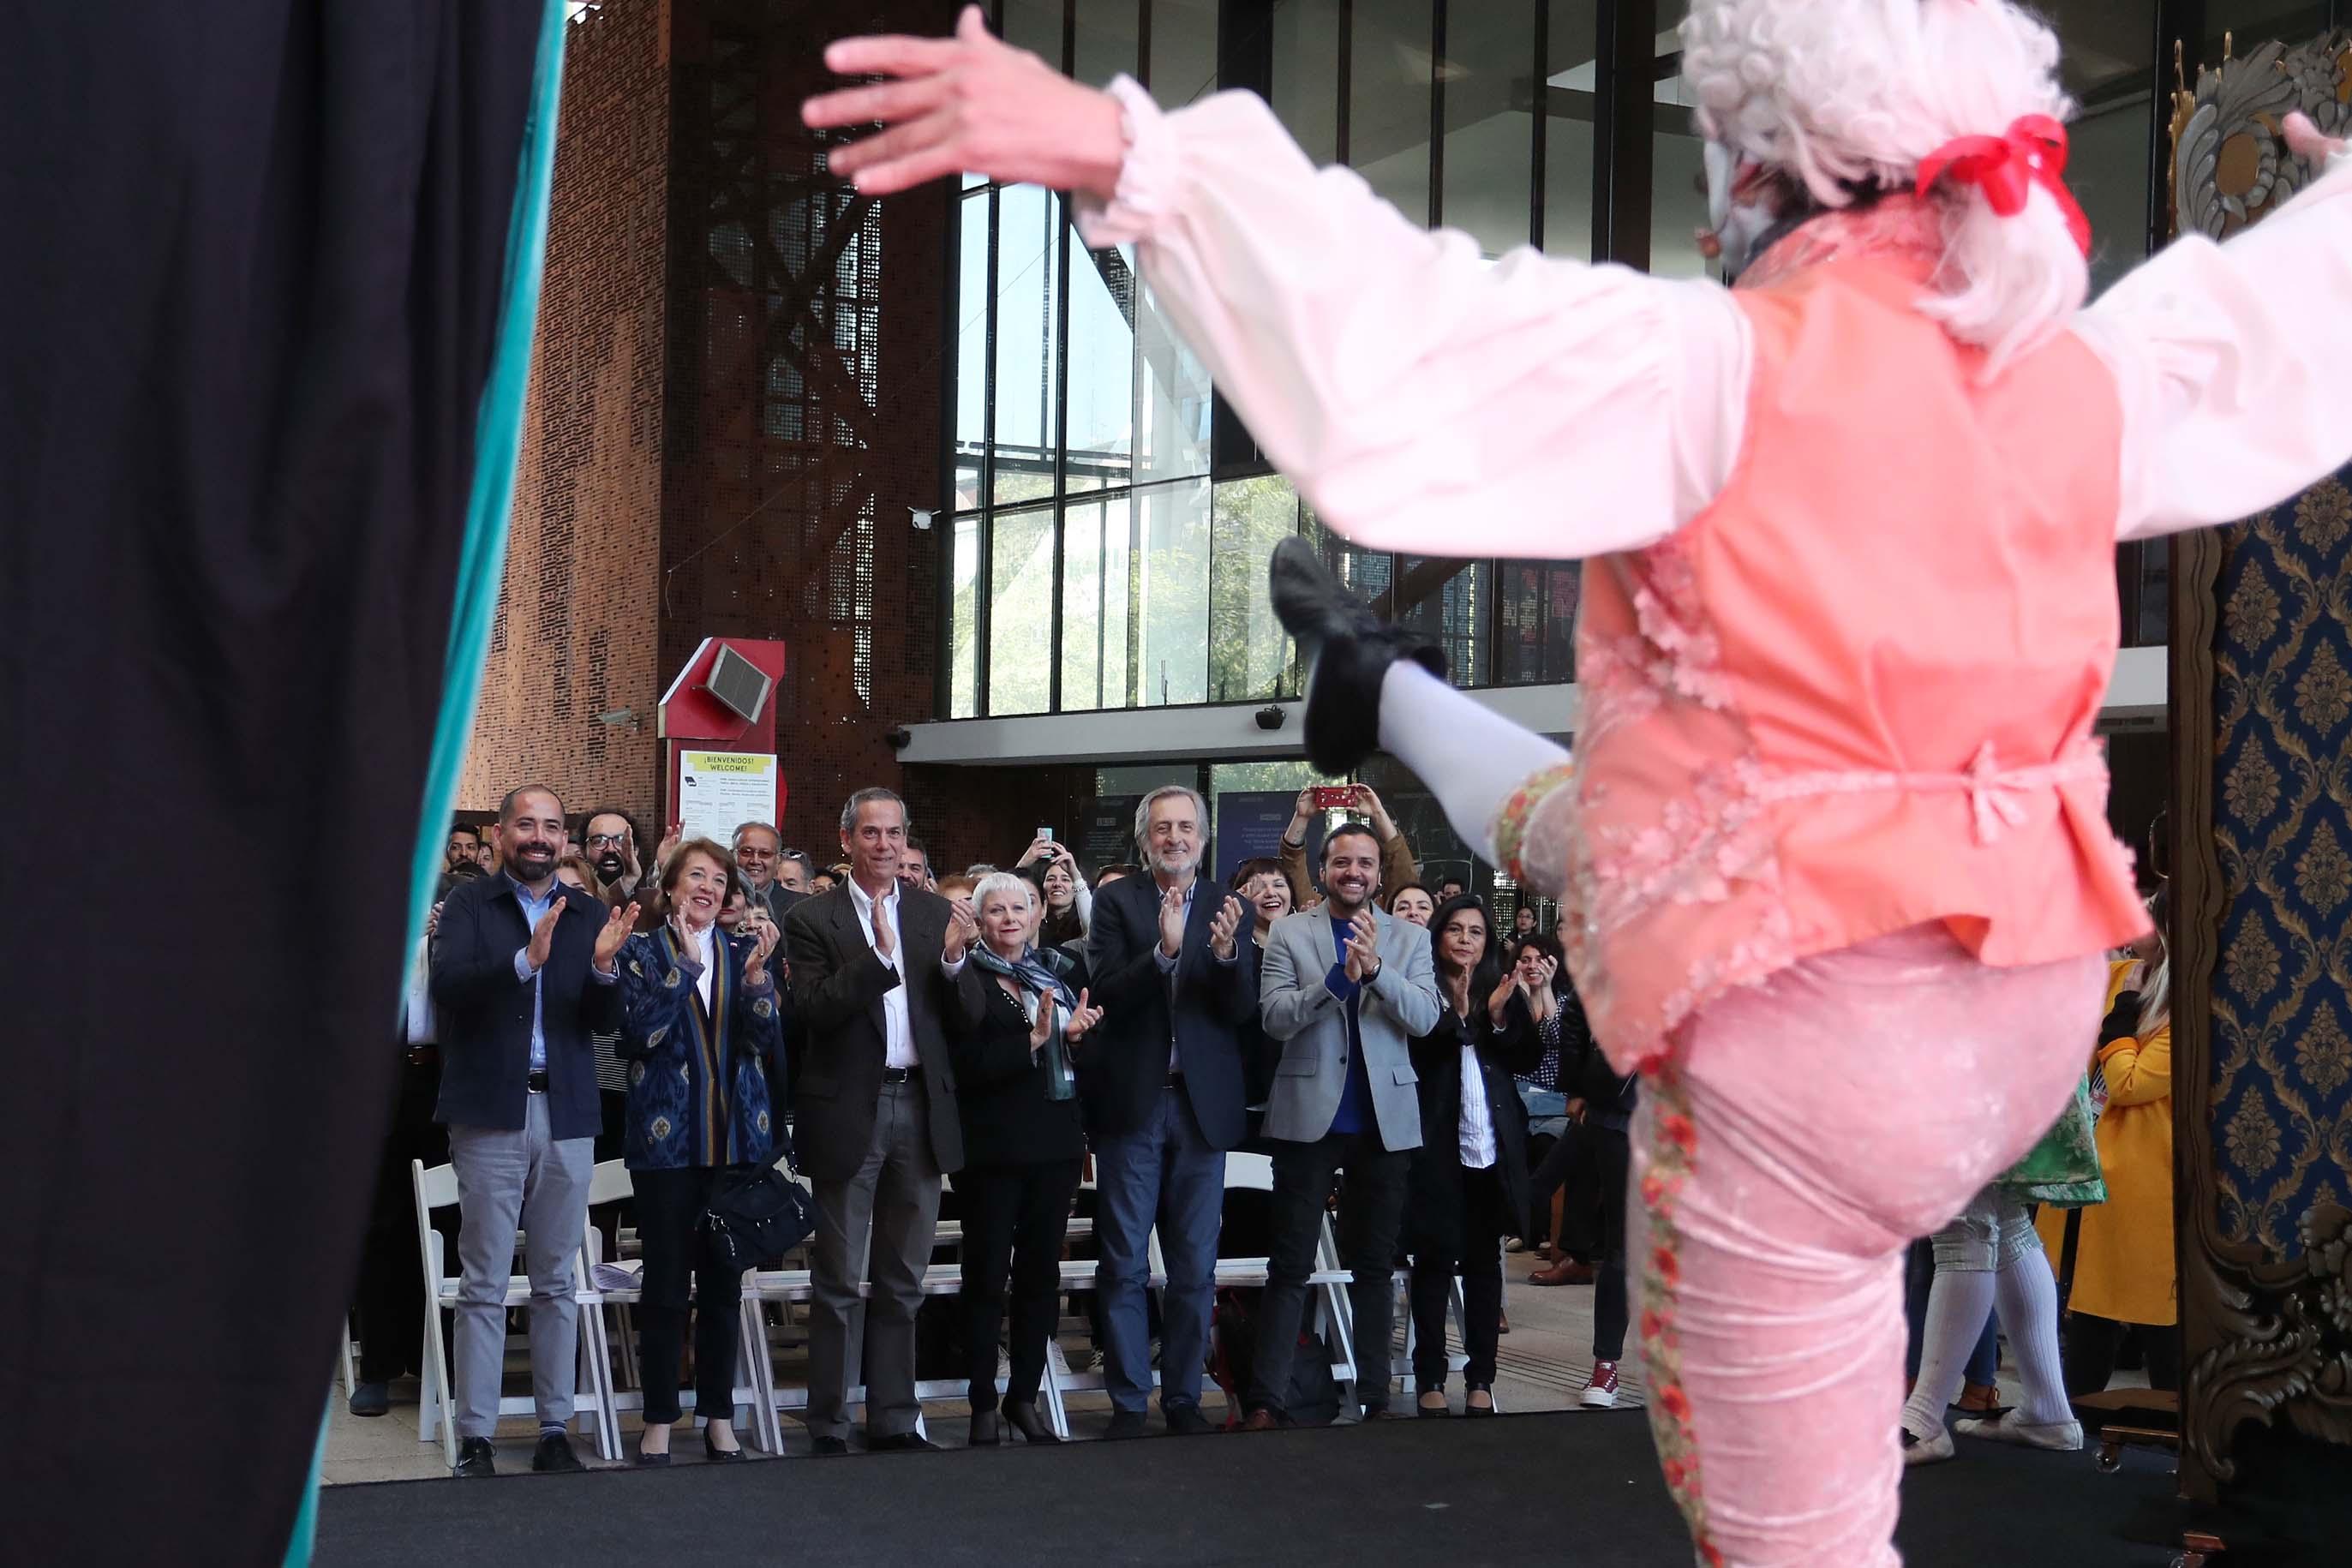 Ministra de las Culturas y artistas chilenos celebran la promulgación de la Ley de Fomento a las Artes Escénicas